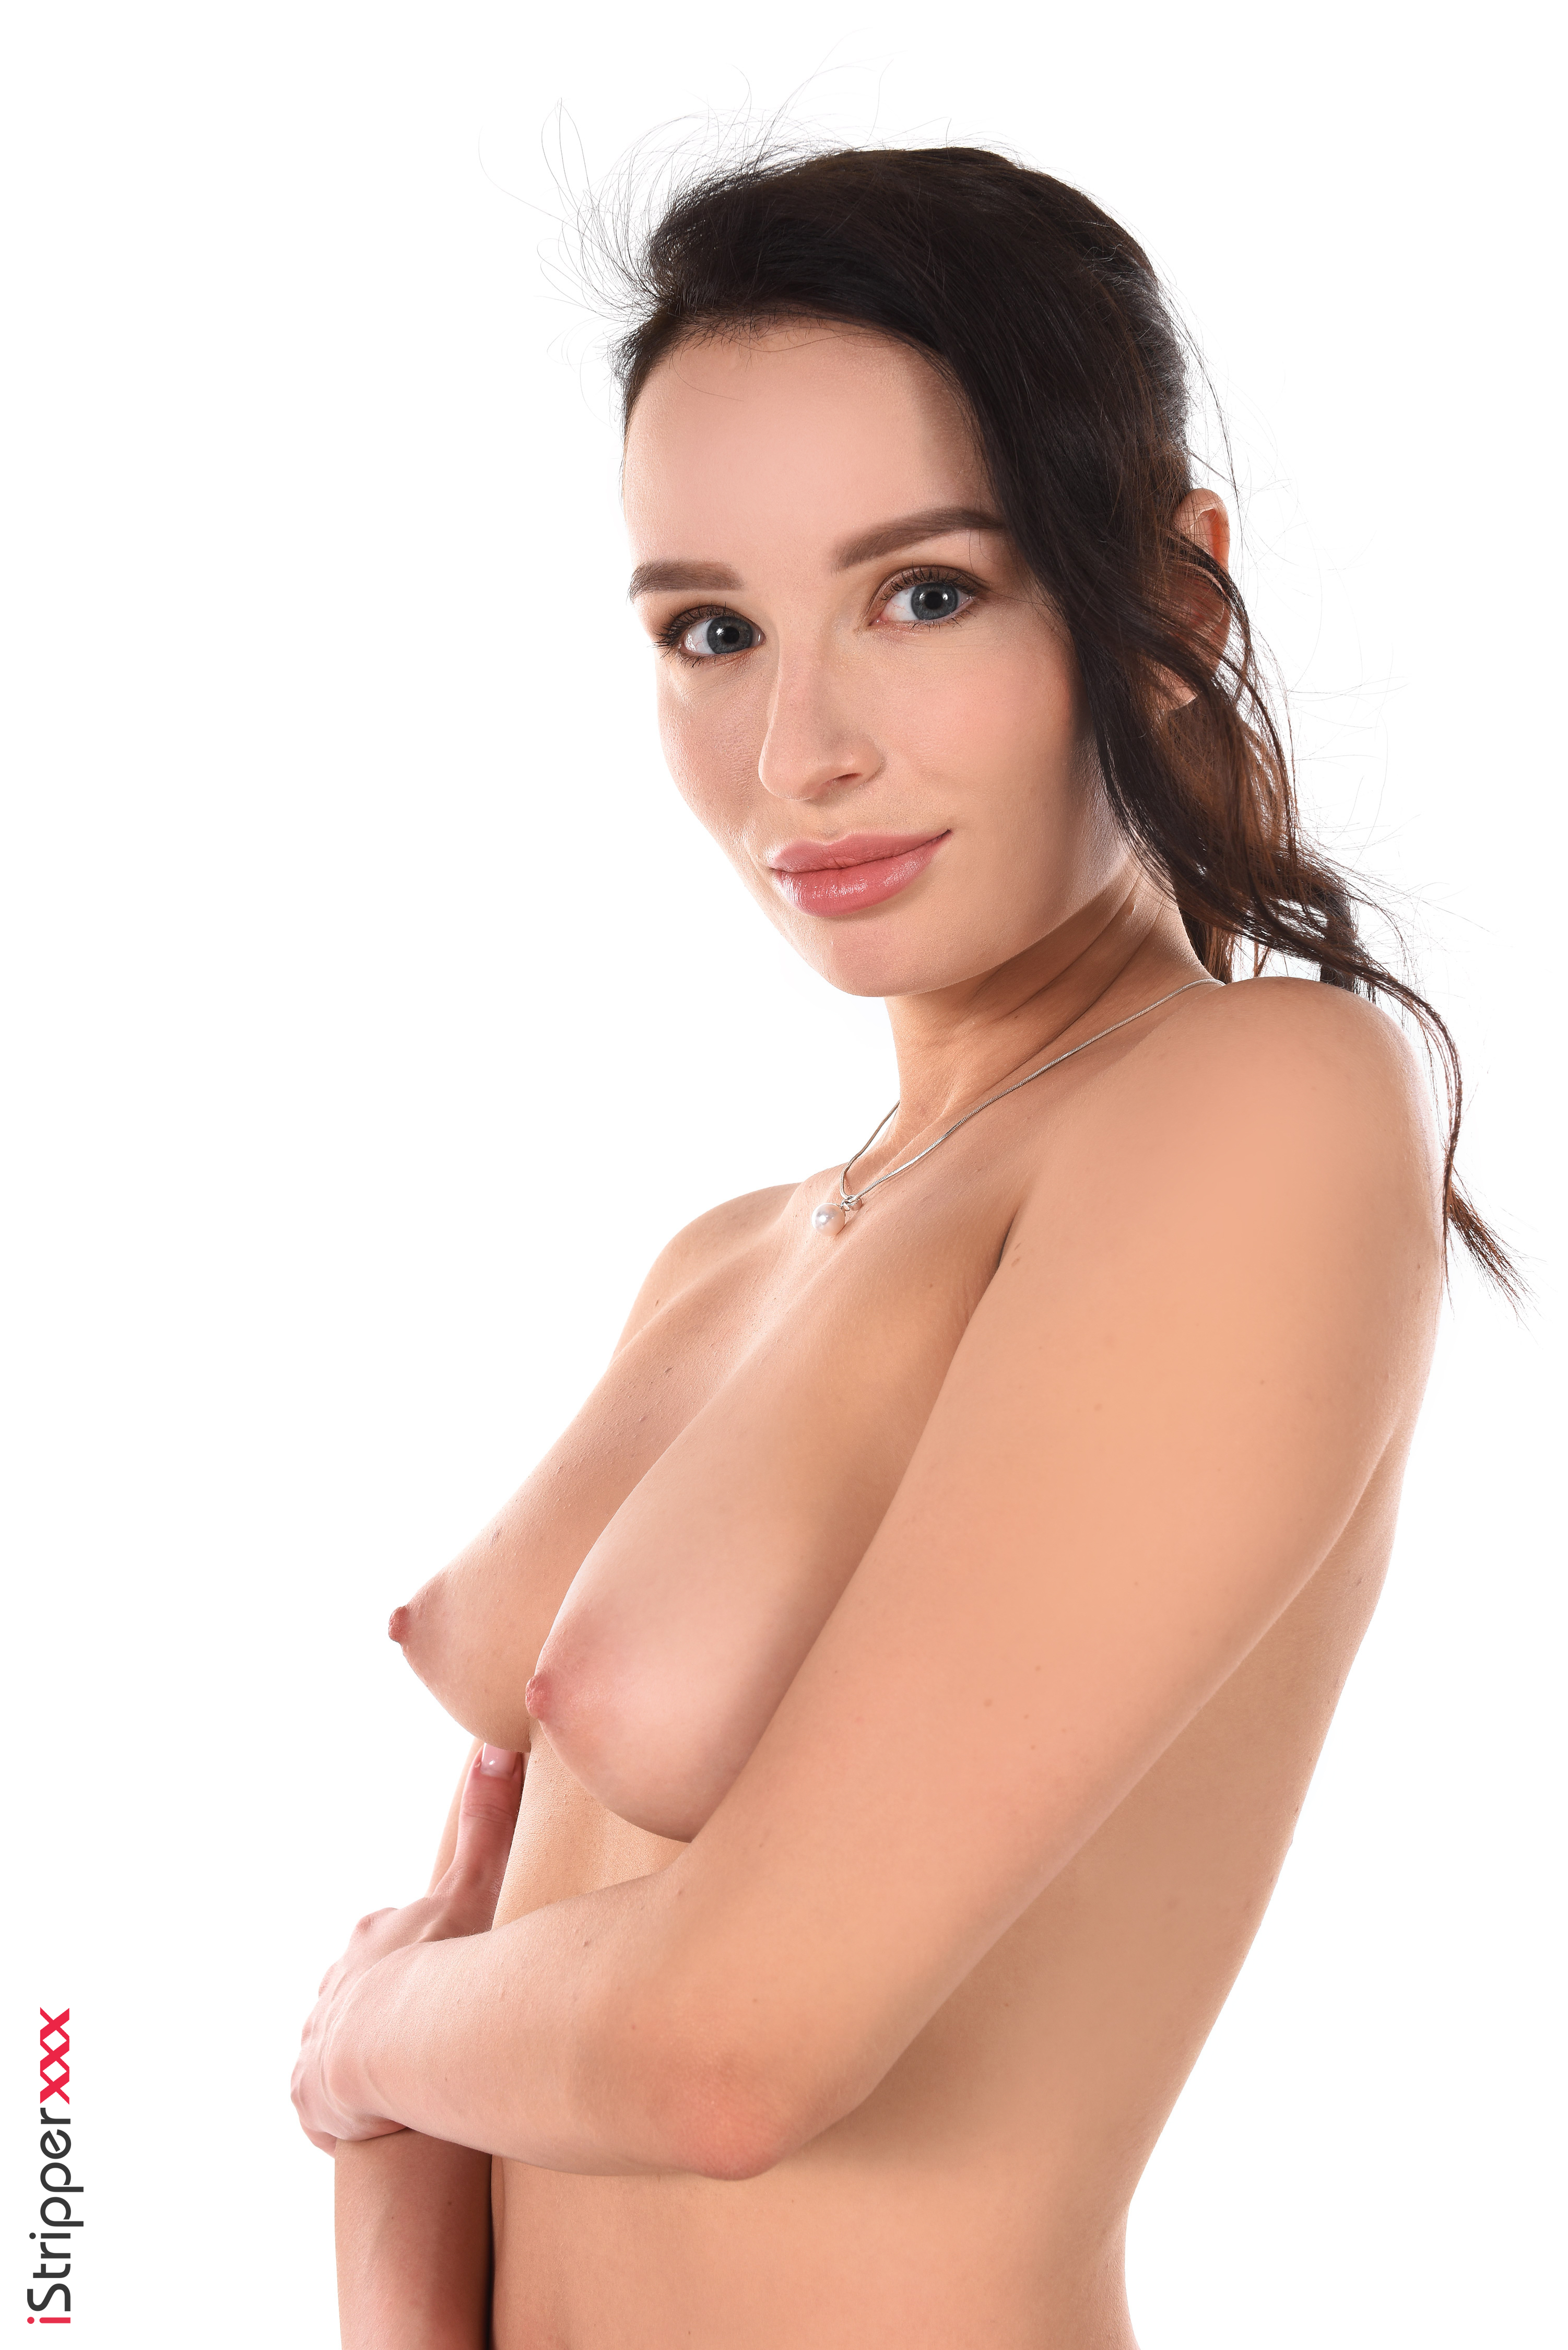 erotic goddess wallpaper